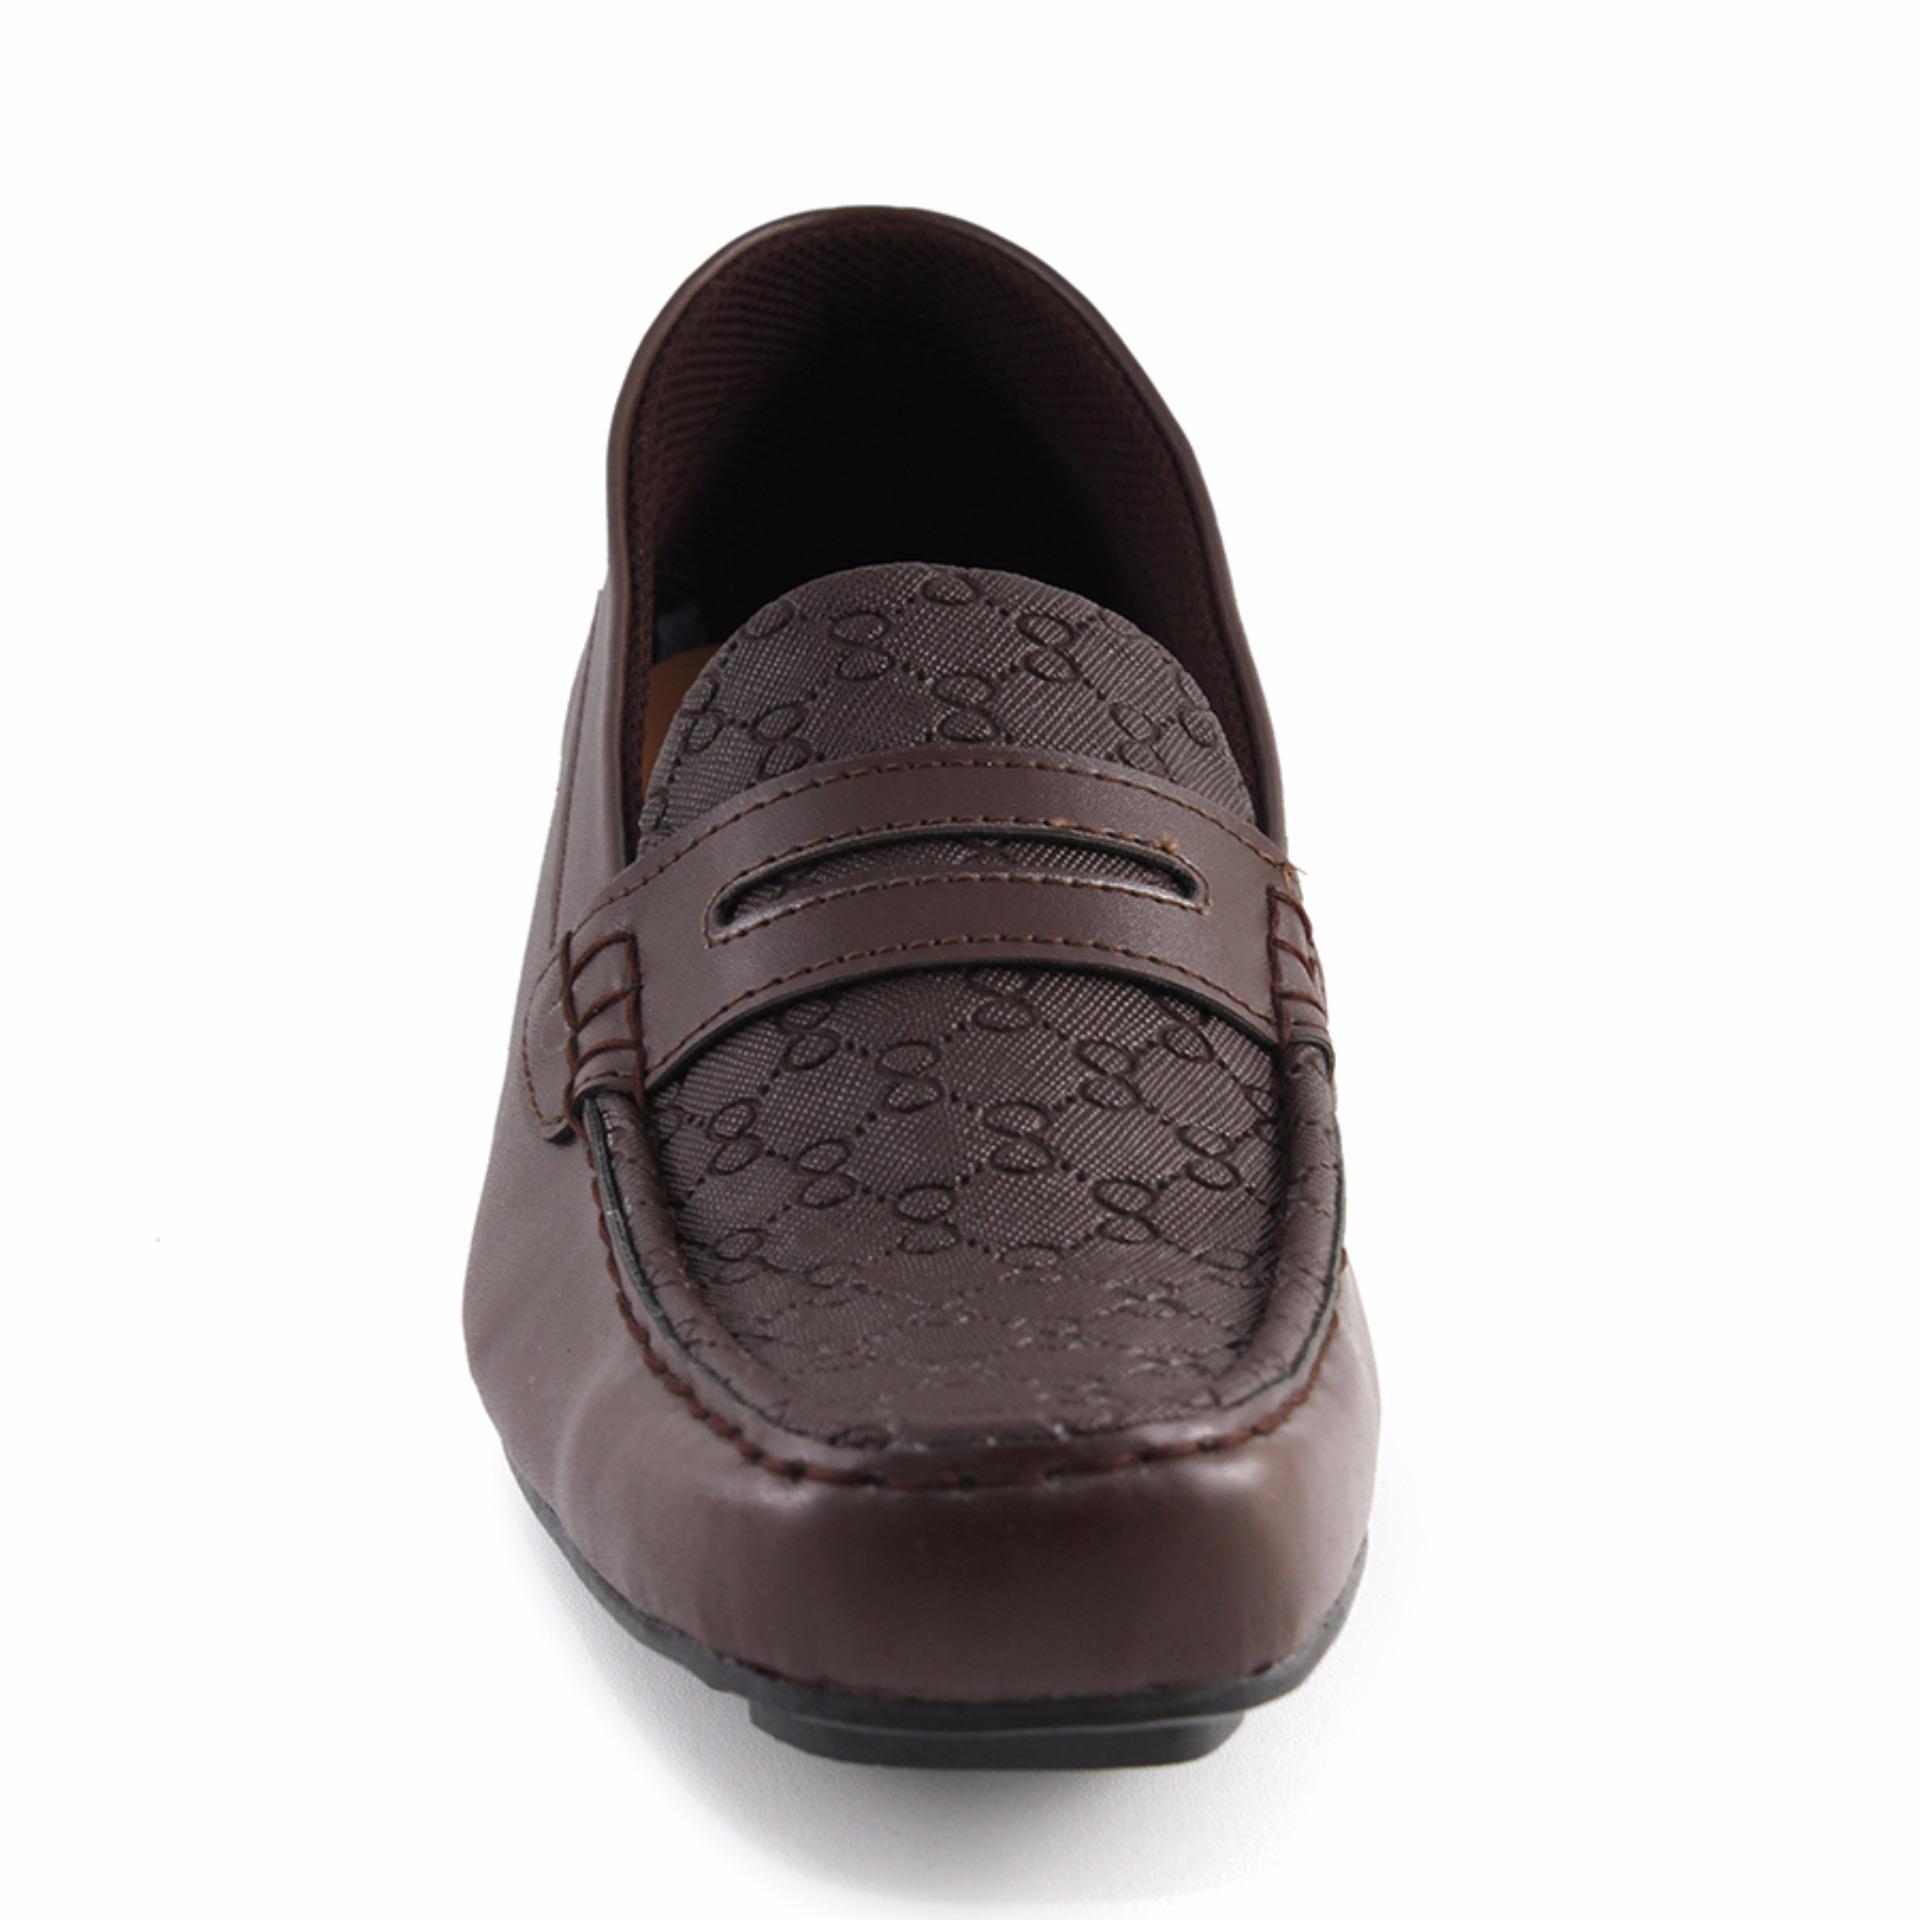 Sepatu Casualformal Pantofel Priawanita Almost Glosy Coklat Dksh New Arrival Sendal Tali Trendy Wanita Dknz 378 Walkers Italian Mocasin Pria Casual Formal Slip On